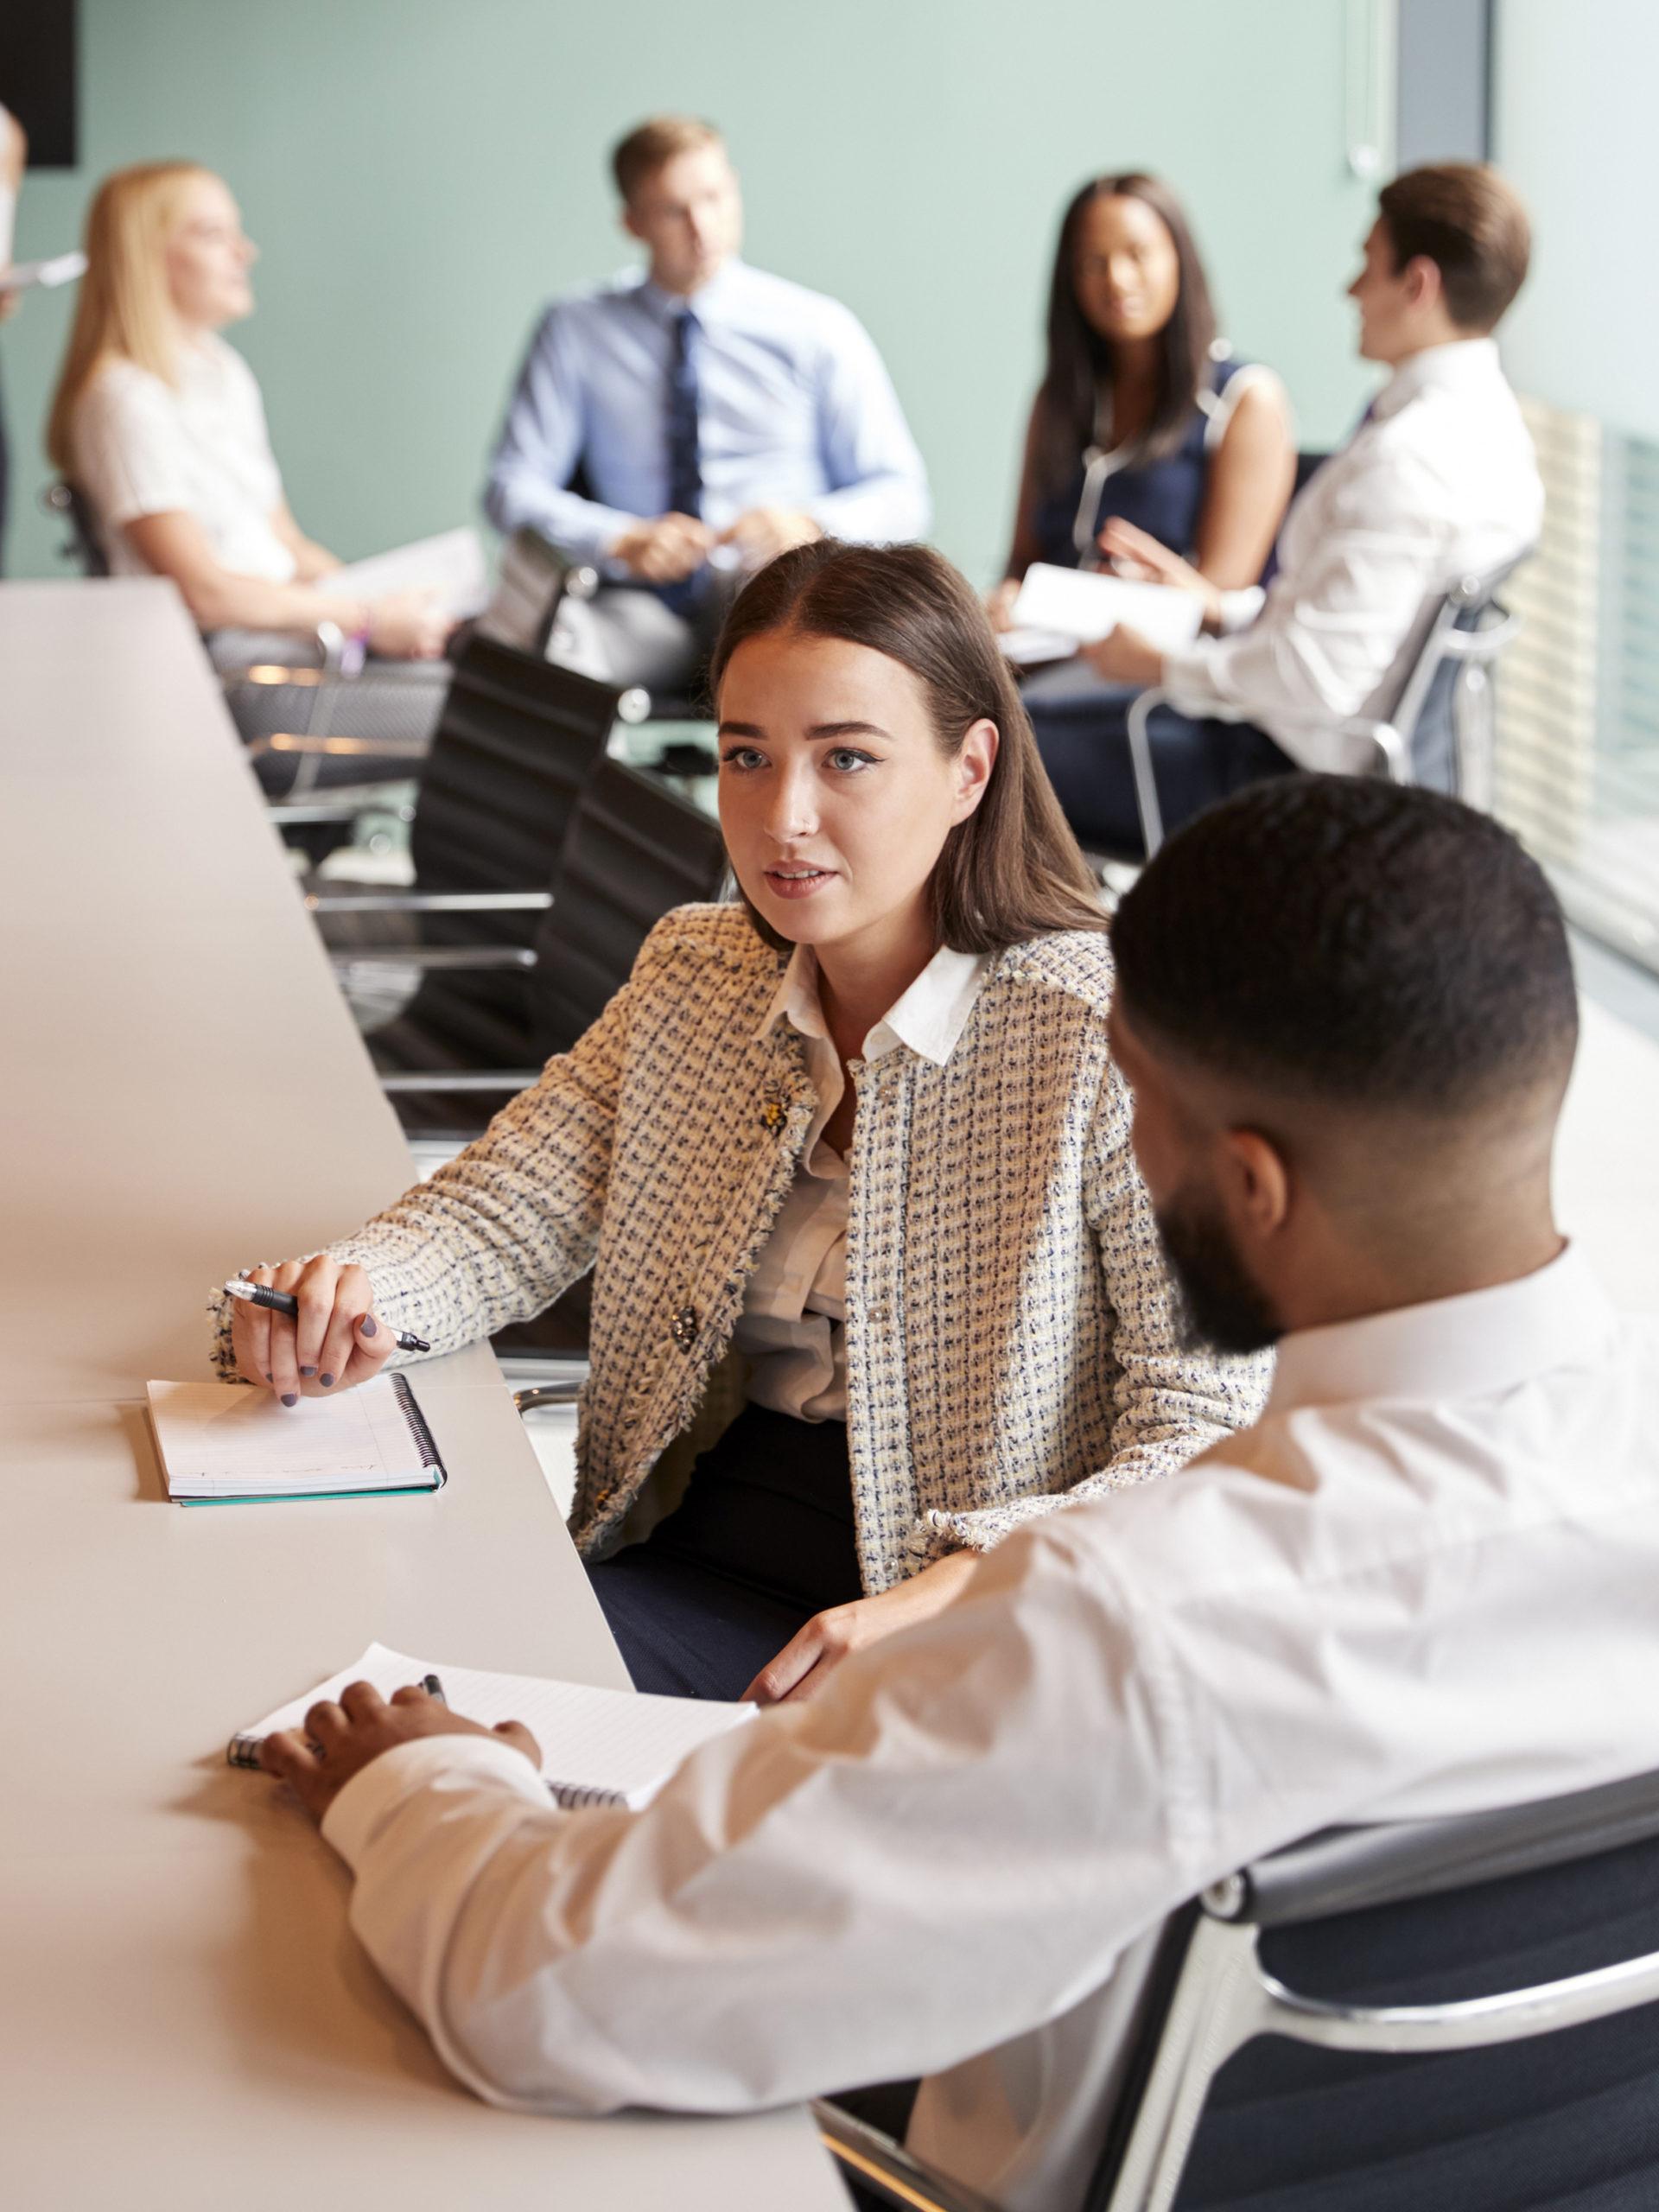 Bewerber und HR im Vorstellungsgespräch des mindwise Assessments